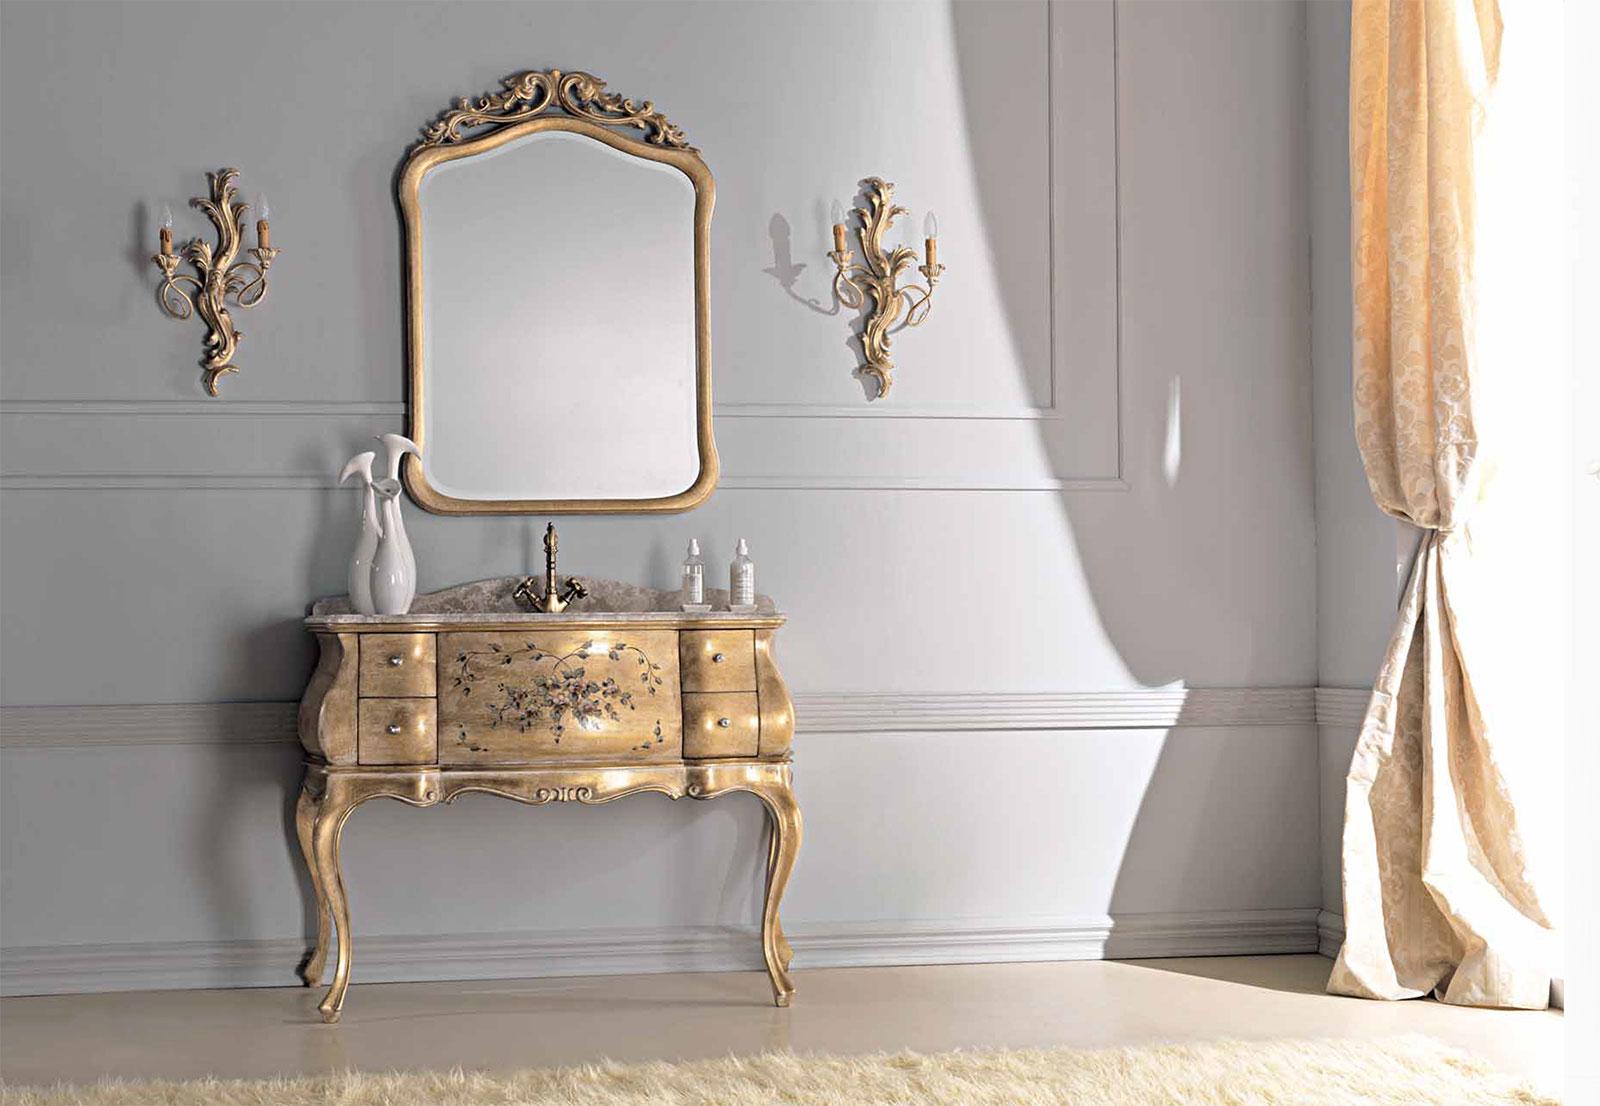 Bagni classici di lusso foto best bagni classici di lusso - Bagni classici immagini ...